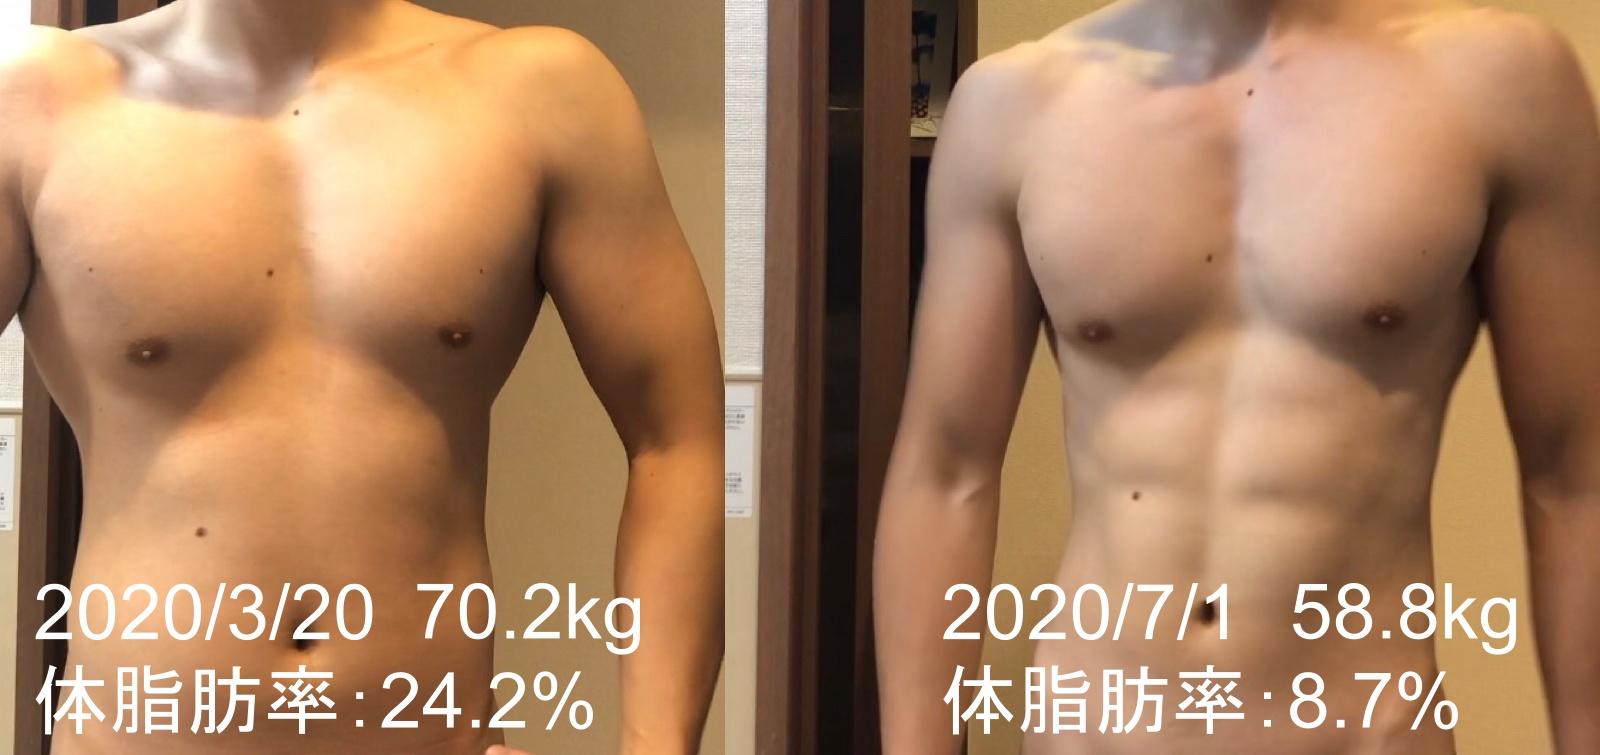 約3ヶ月で11kgダイエットに成功した筆者の体の変化。